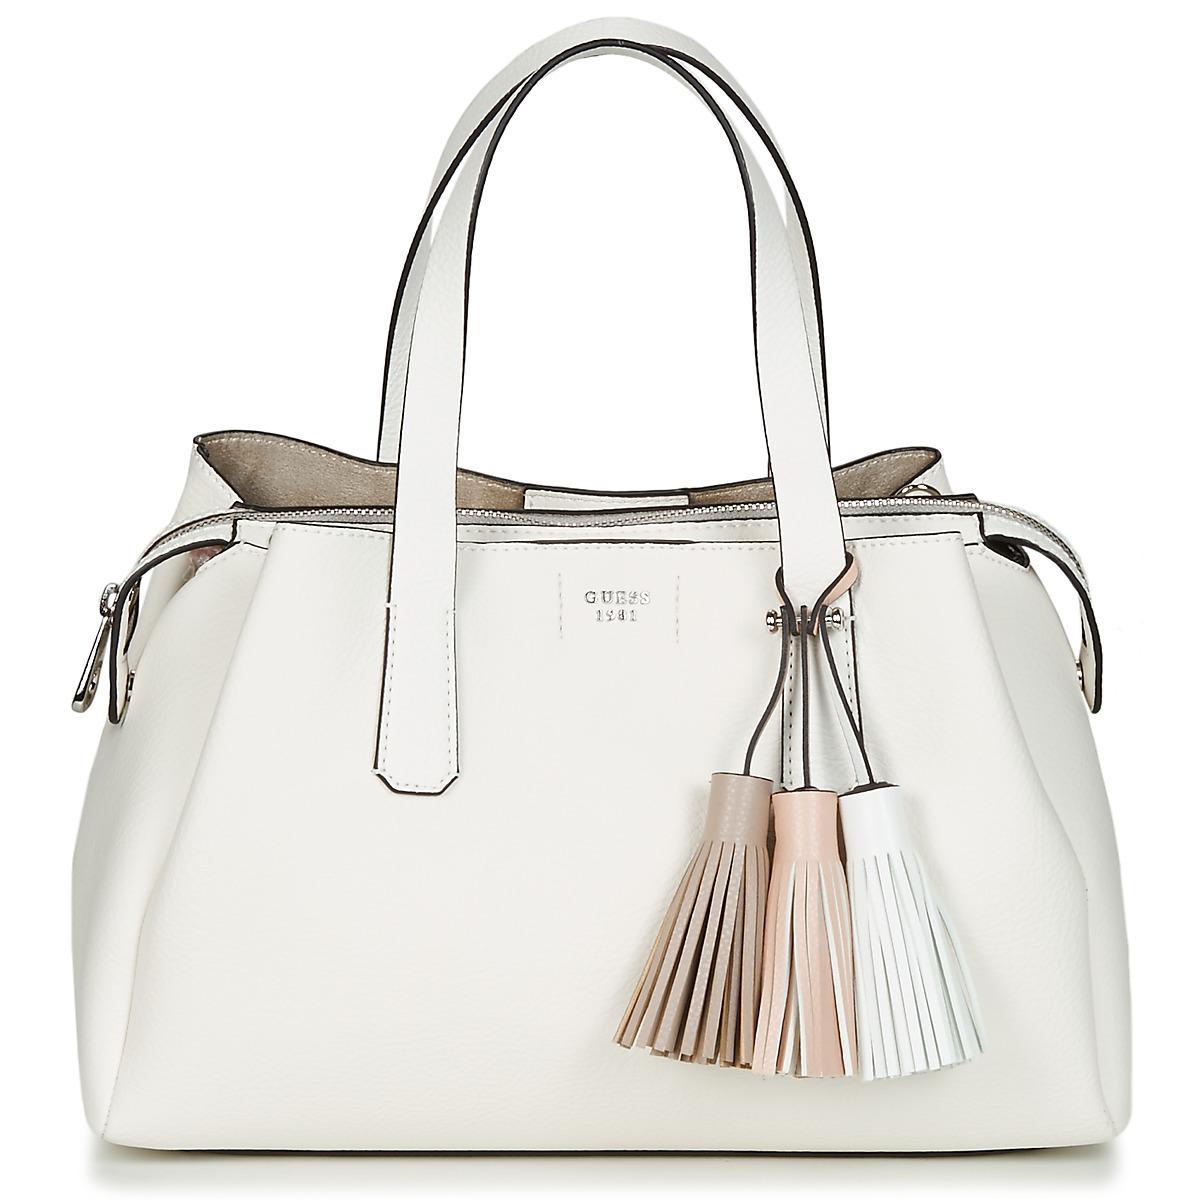 4d321d24fd27 Guess Trudy Girlfriend Satchel Women s Handbags In White in White - Lyst